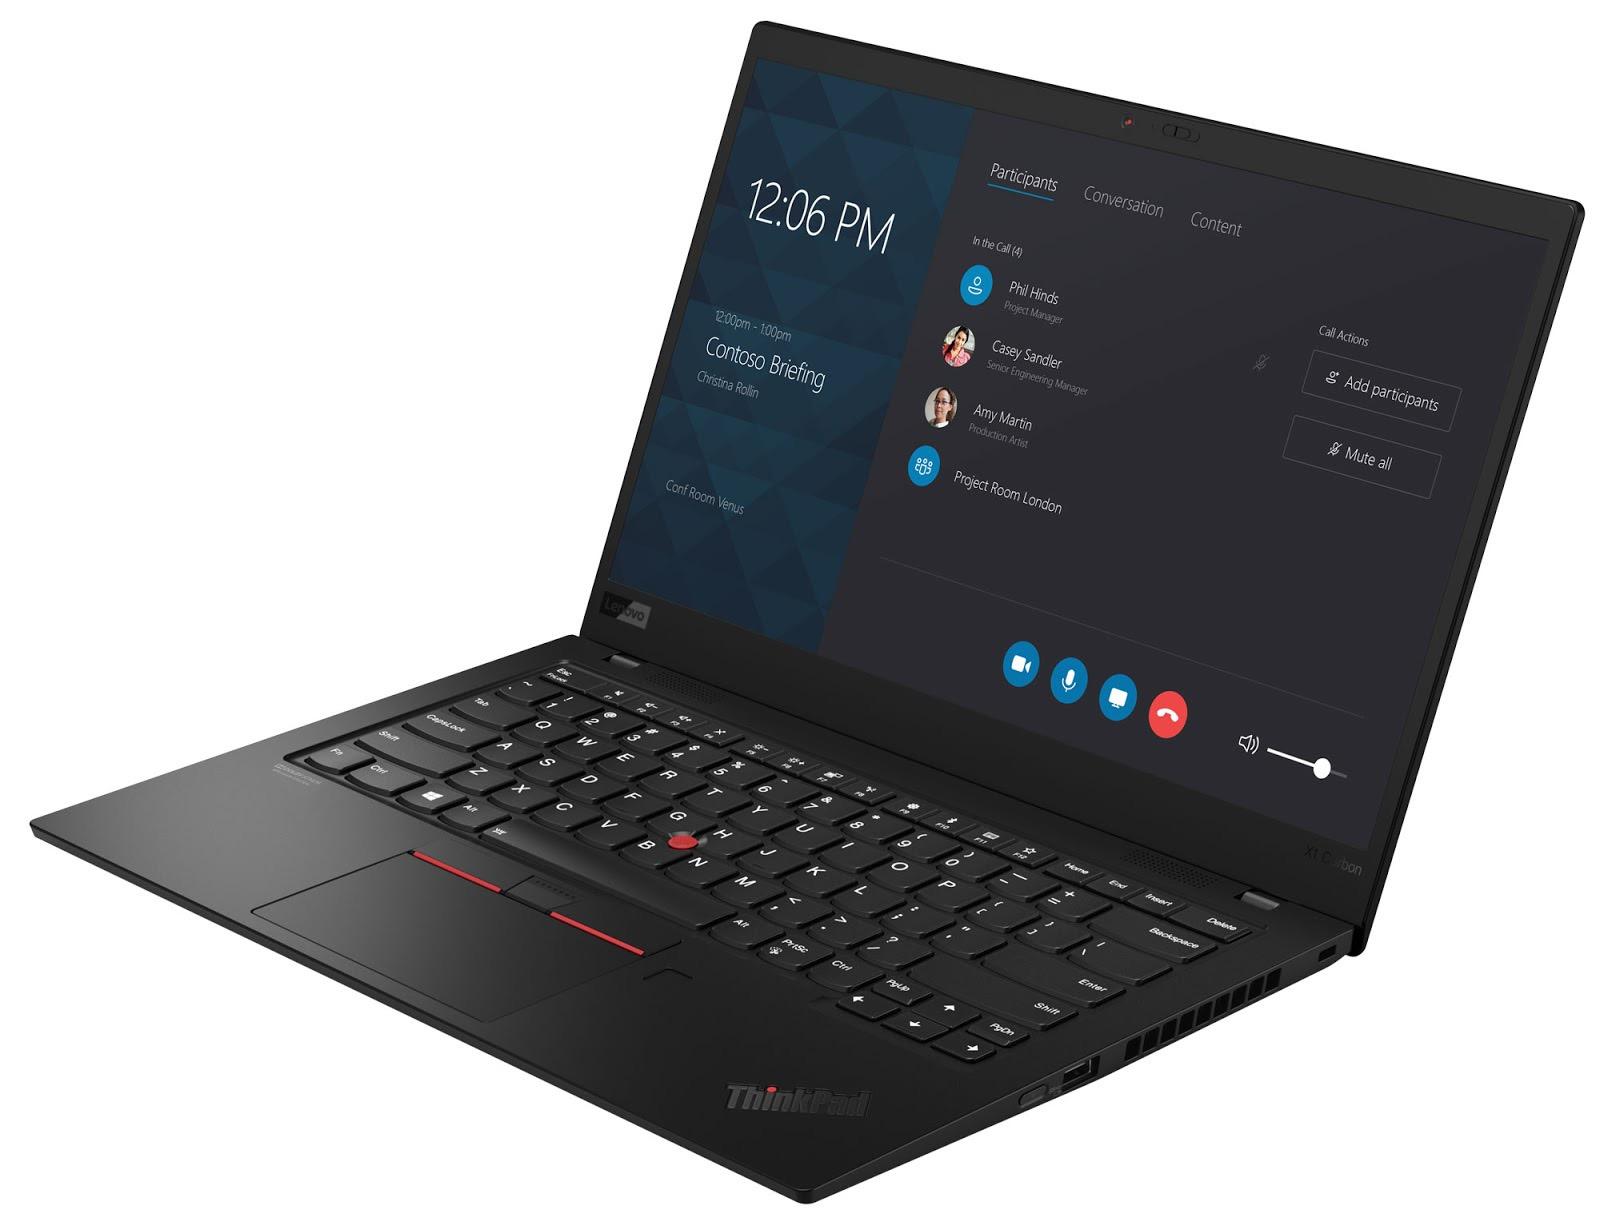 Фото 3. Ноутбук Lenovo ThinkPad X1 Carbon Gen 7 Black (20QD003JRT)